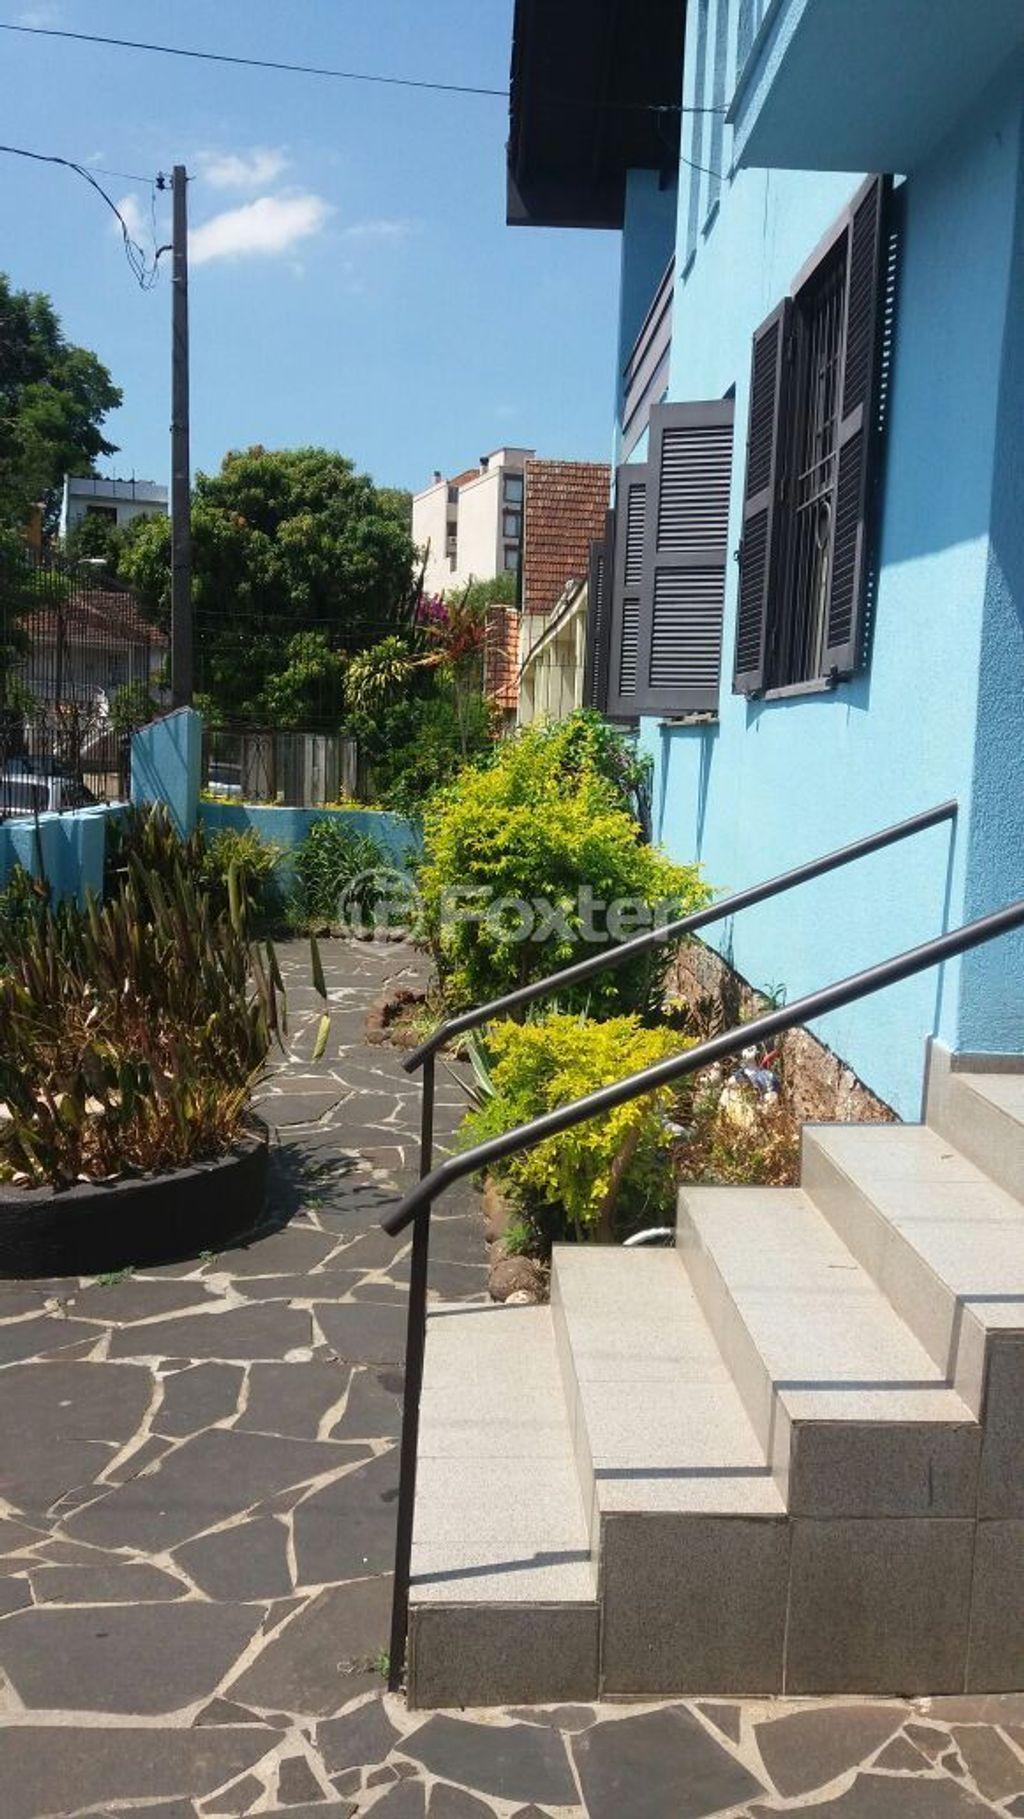 Casa 4 Dorm, Medianeira, Porto Alegre (145216) - Foto 3